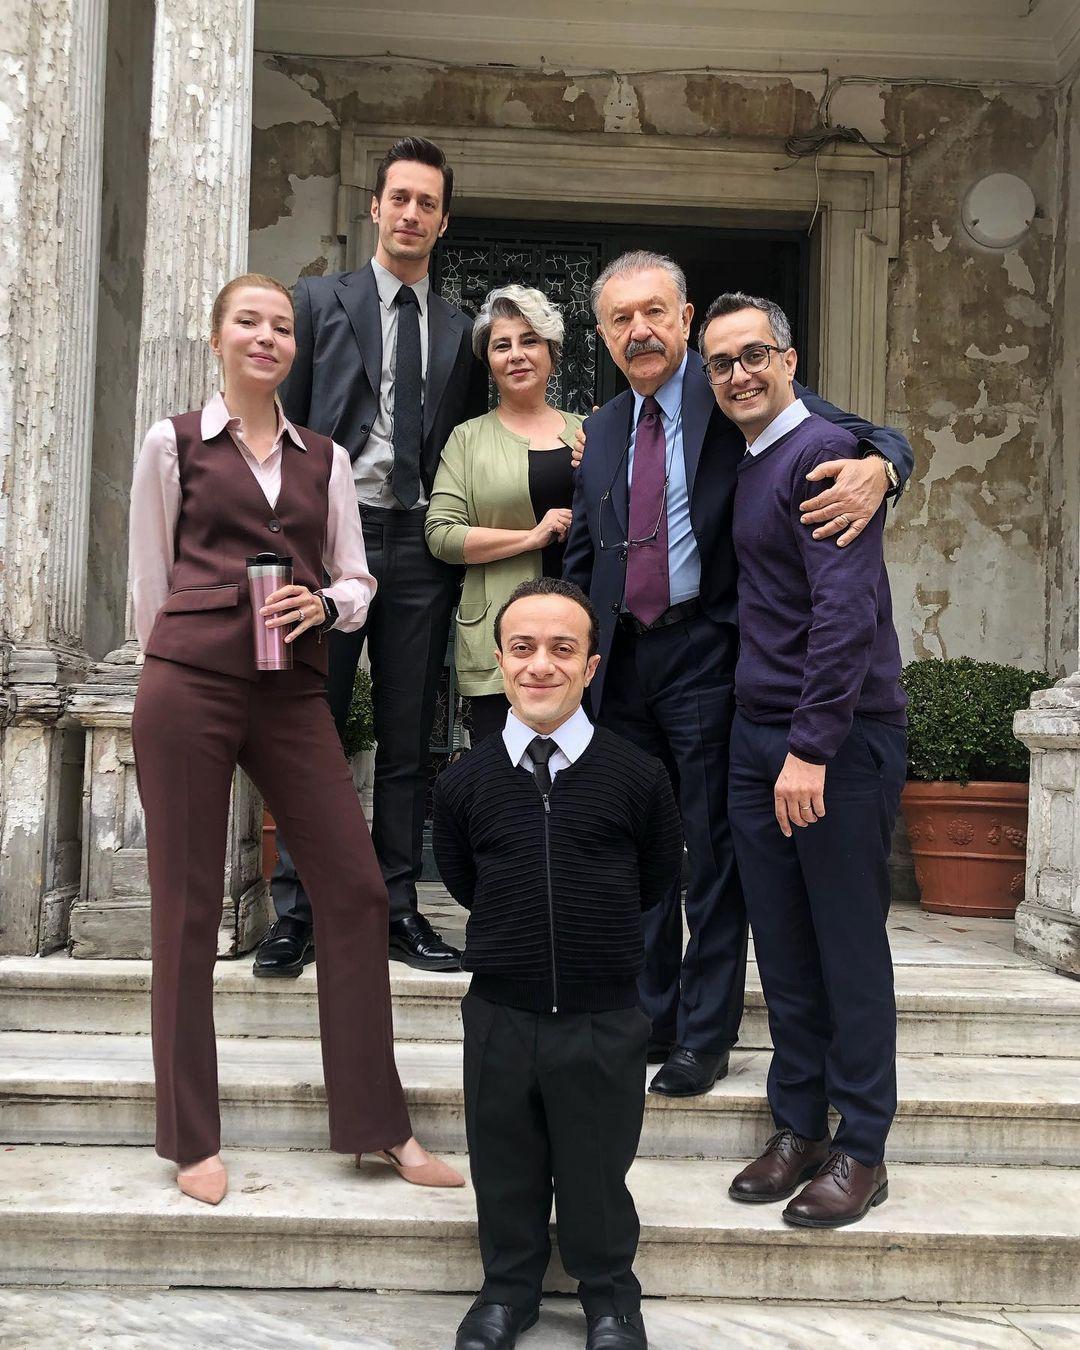 Camdaki Kız'ın başrolü Feyyaz Şerifoğlu Ajda Pekkan'la diziyi izledi bakın ne paylaştı